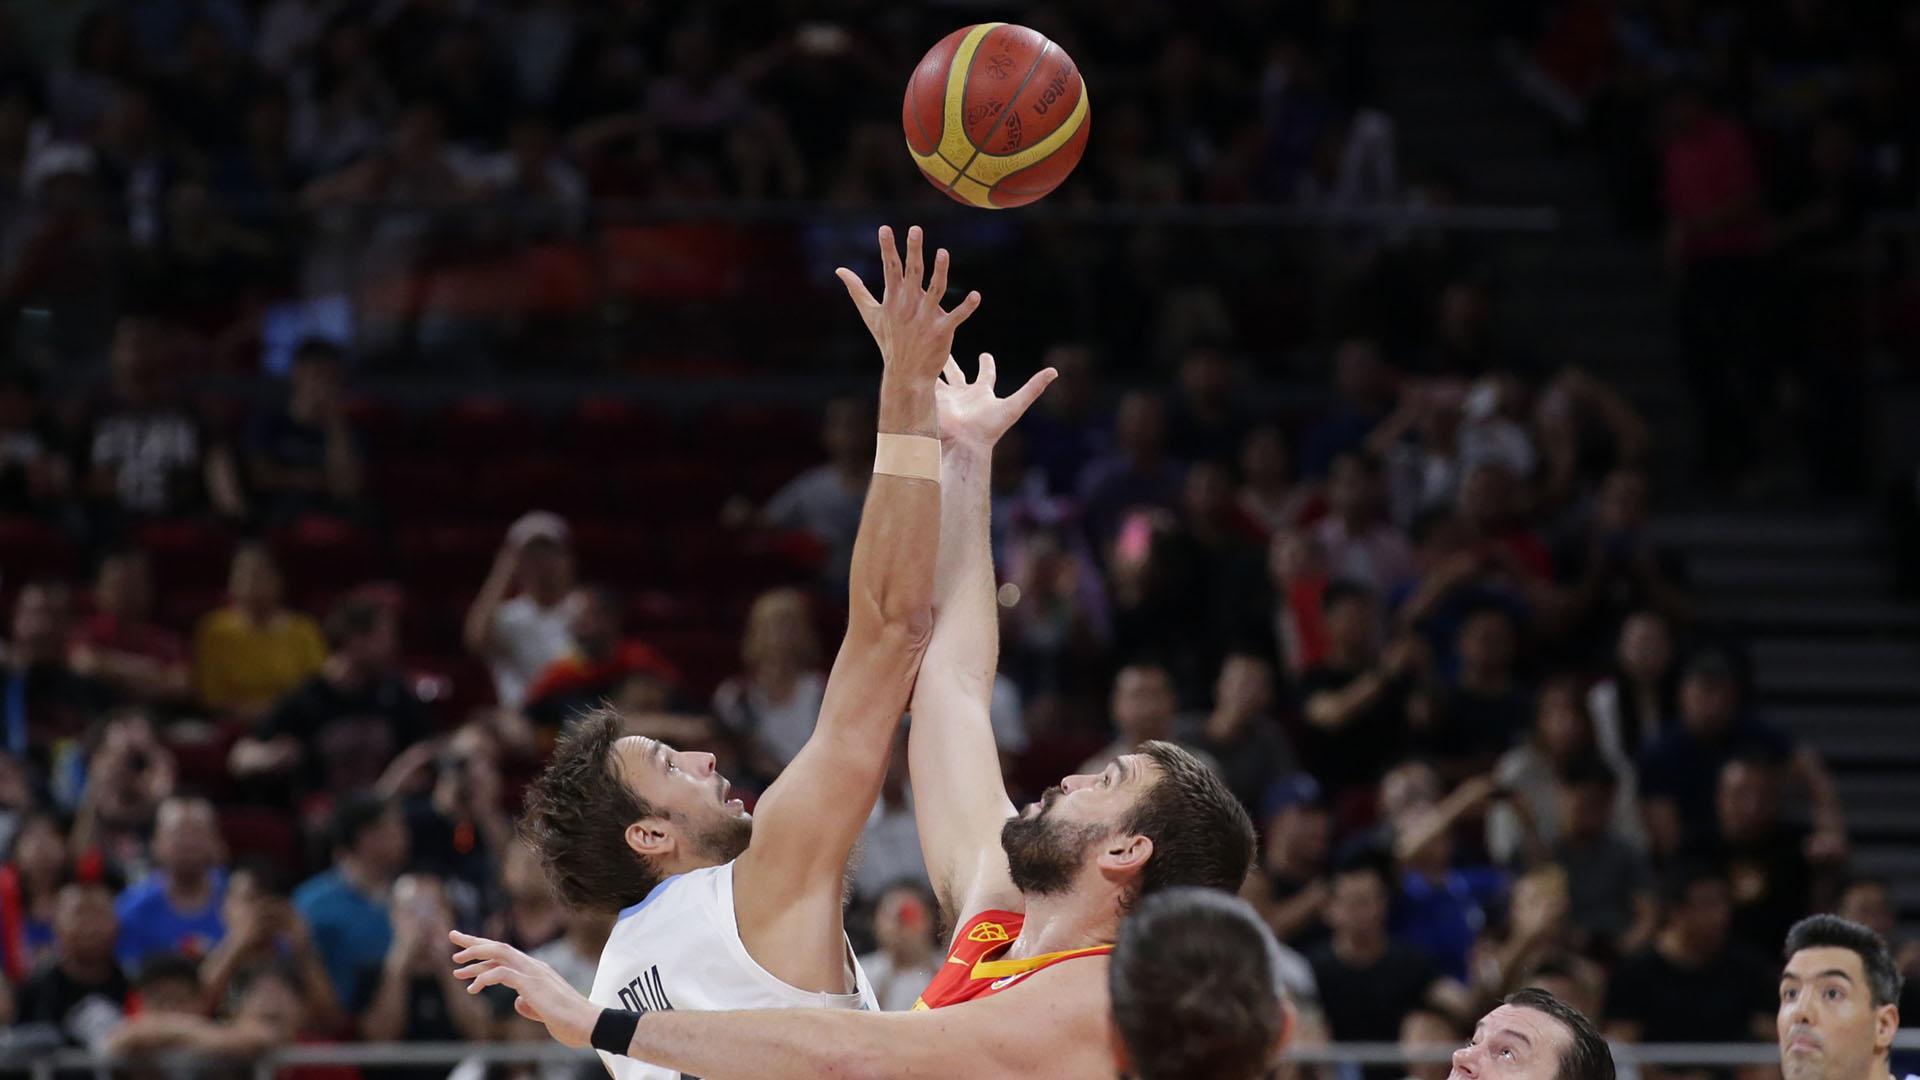 Comienzo del juego en la final del Mundial de básqueta 2019(AFP)